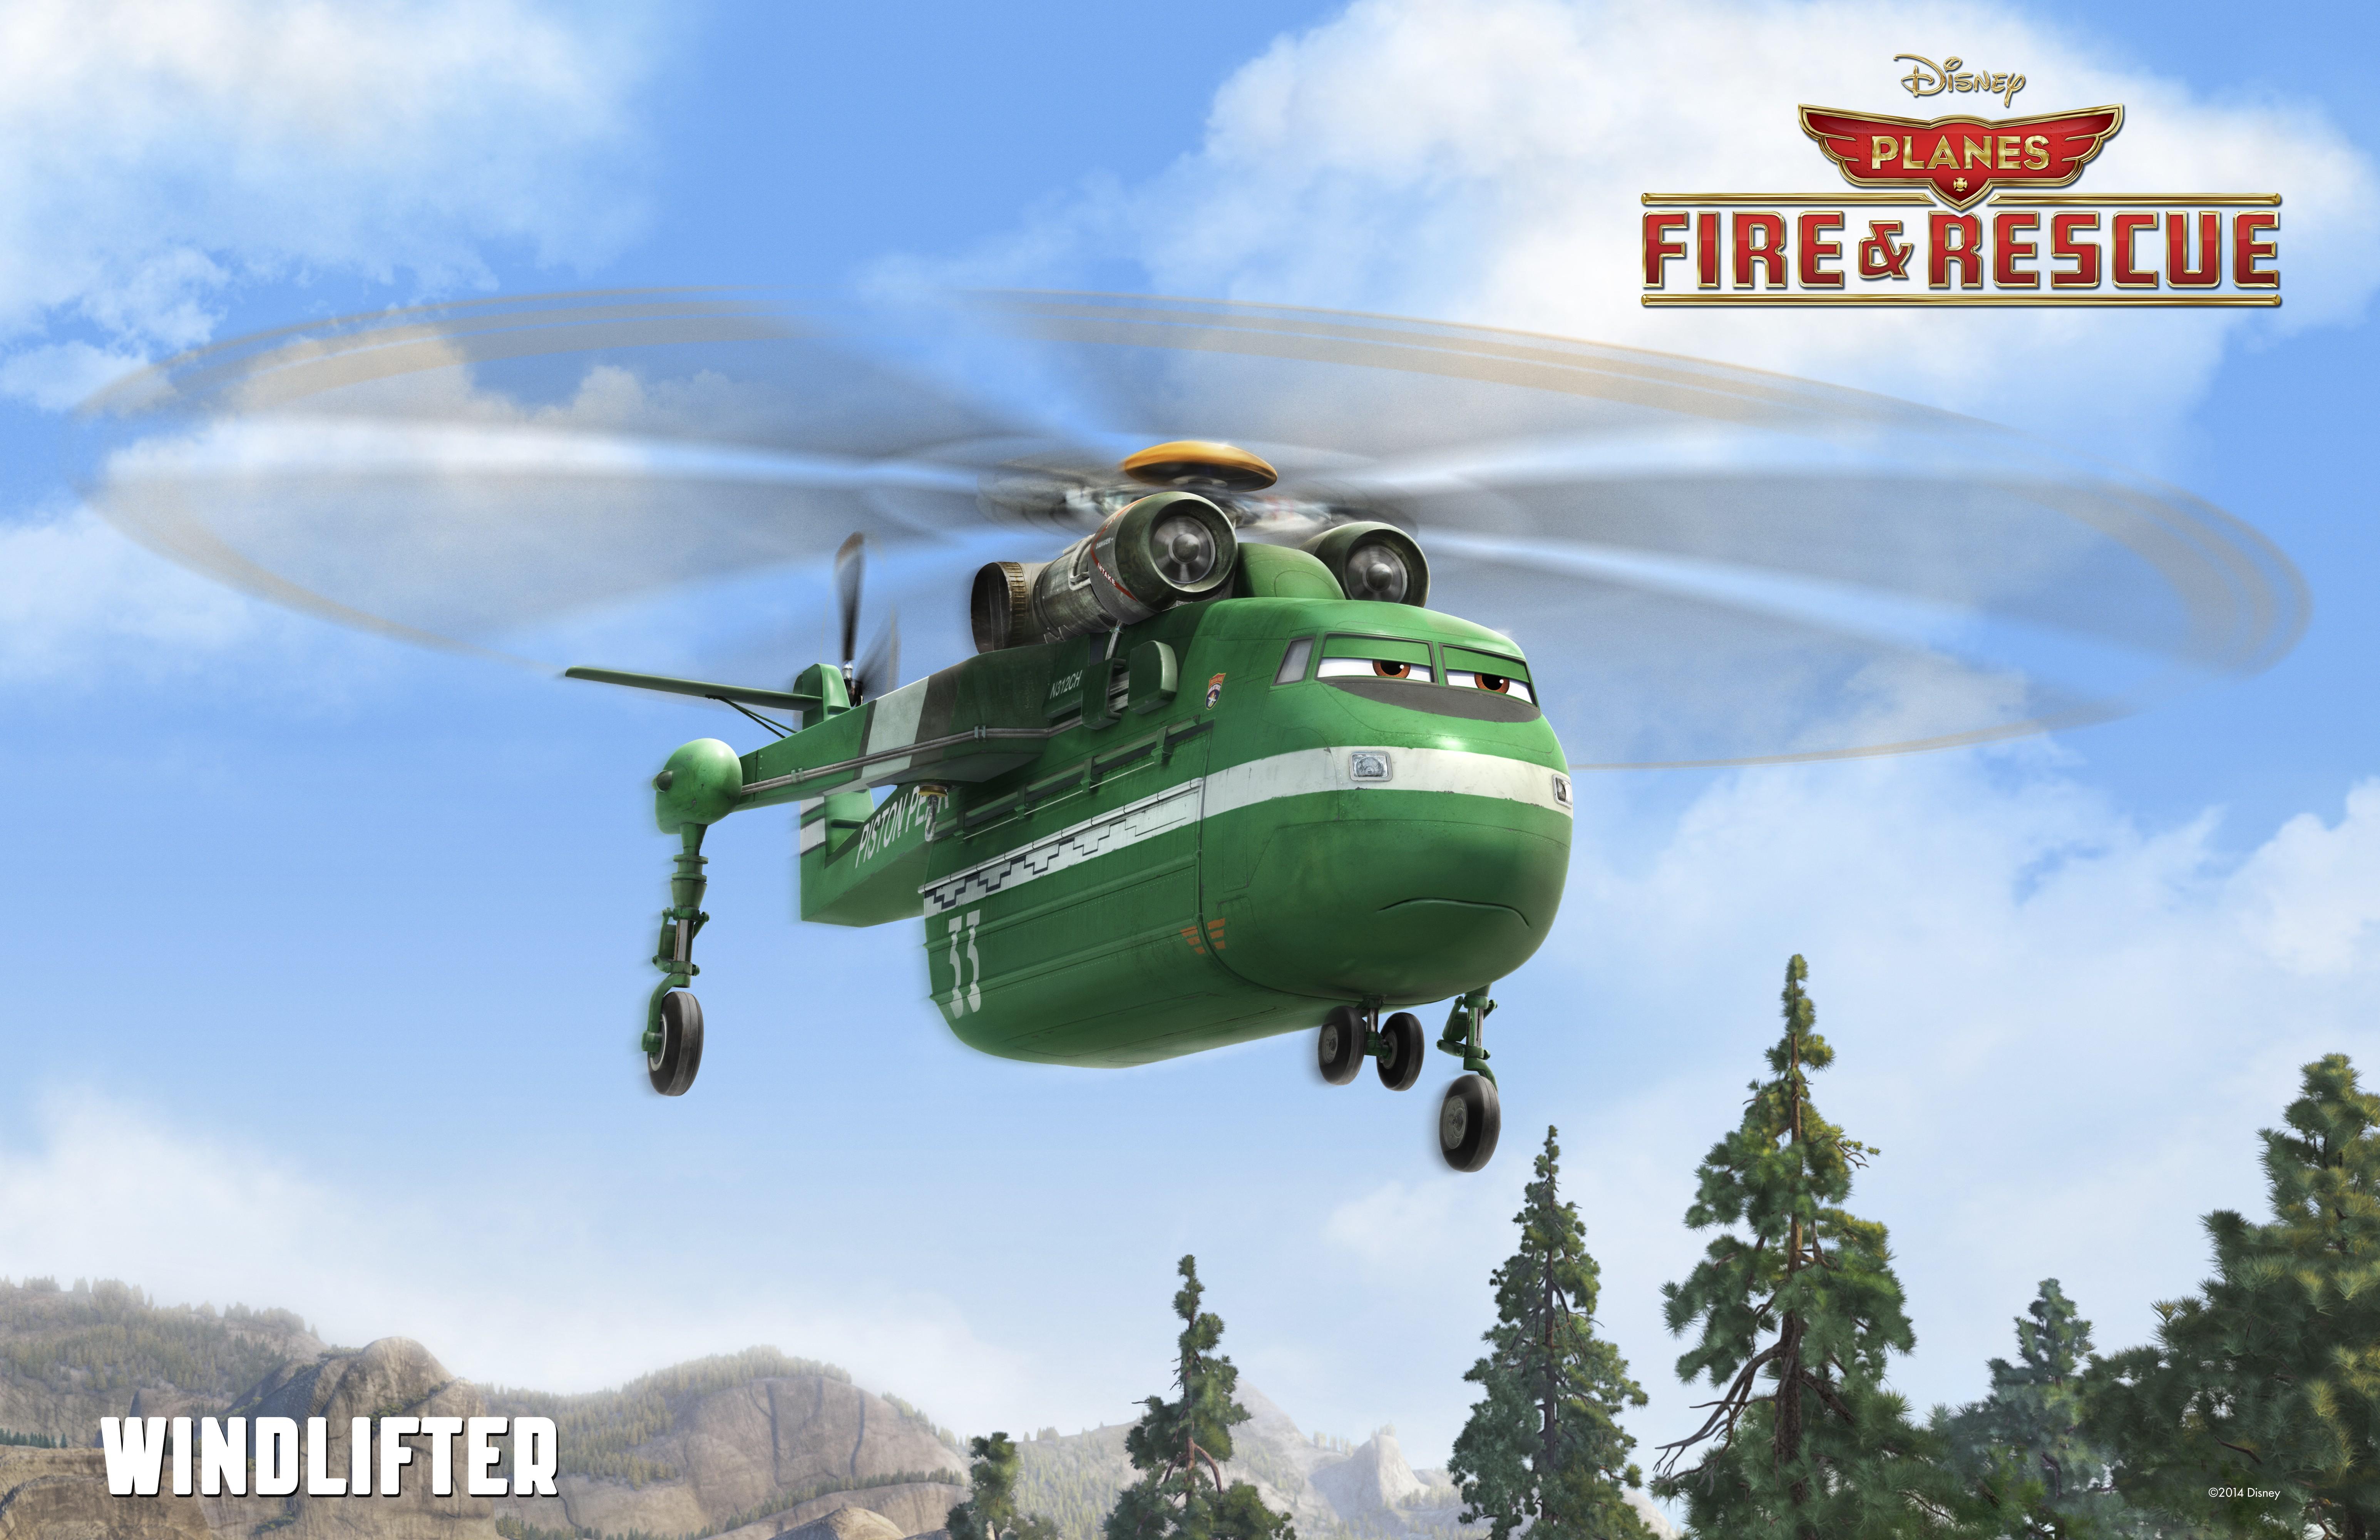 промо-слайды Самолёты: Огонь и вода